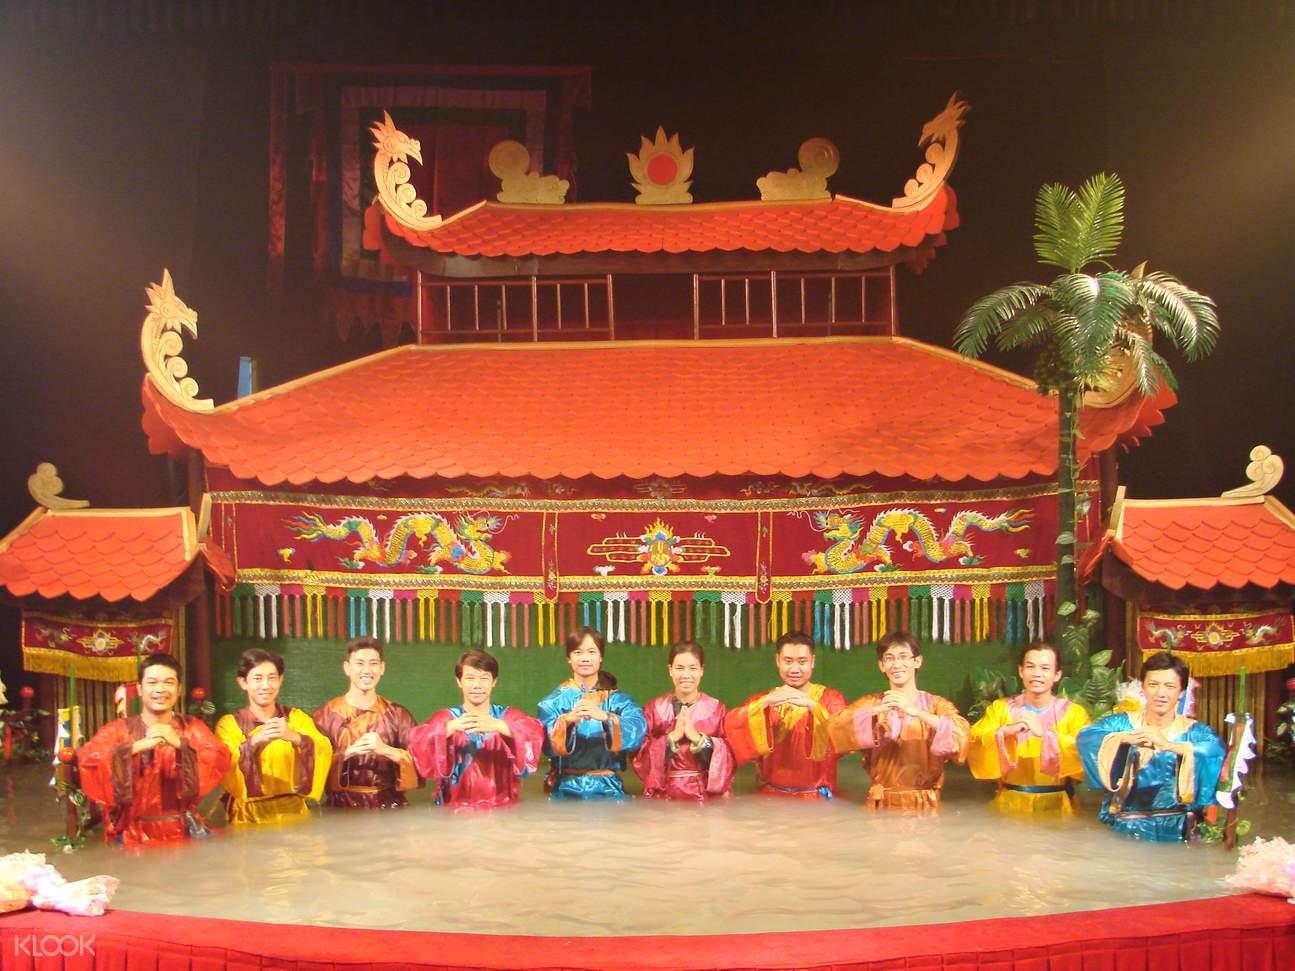 越南木偶戏,水上木偶戏,西贡河,西贡河夜游,西贡夜晚活动,西贡独特体验,西贡夜间游,越南水上木偶戏